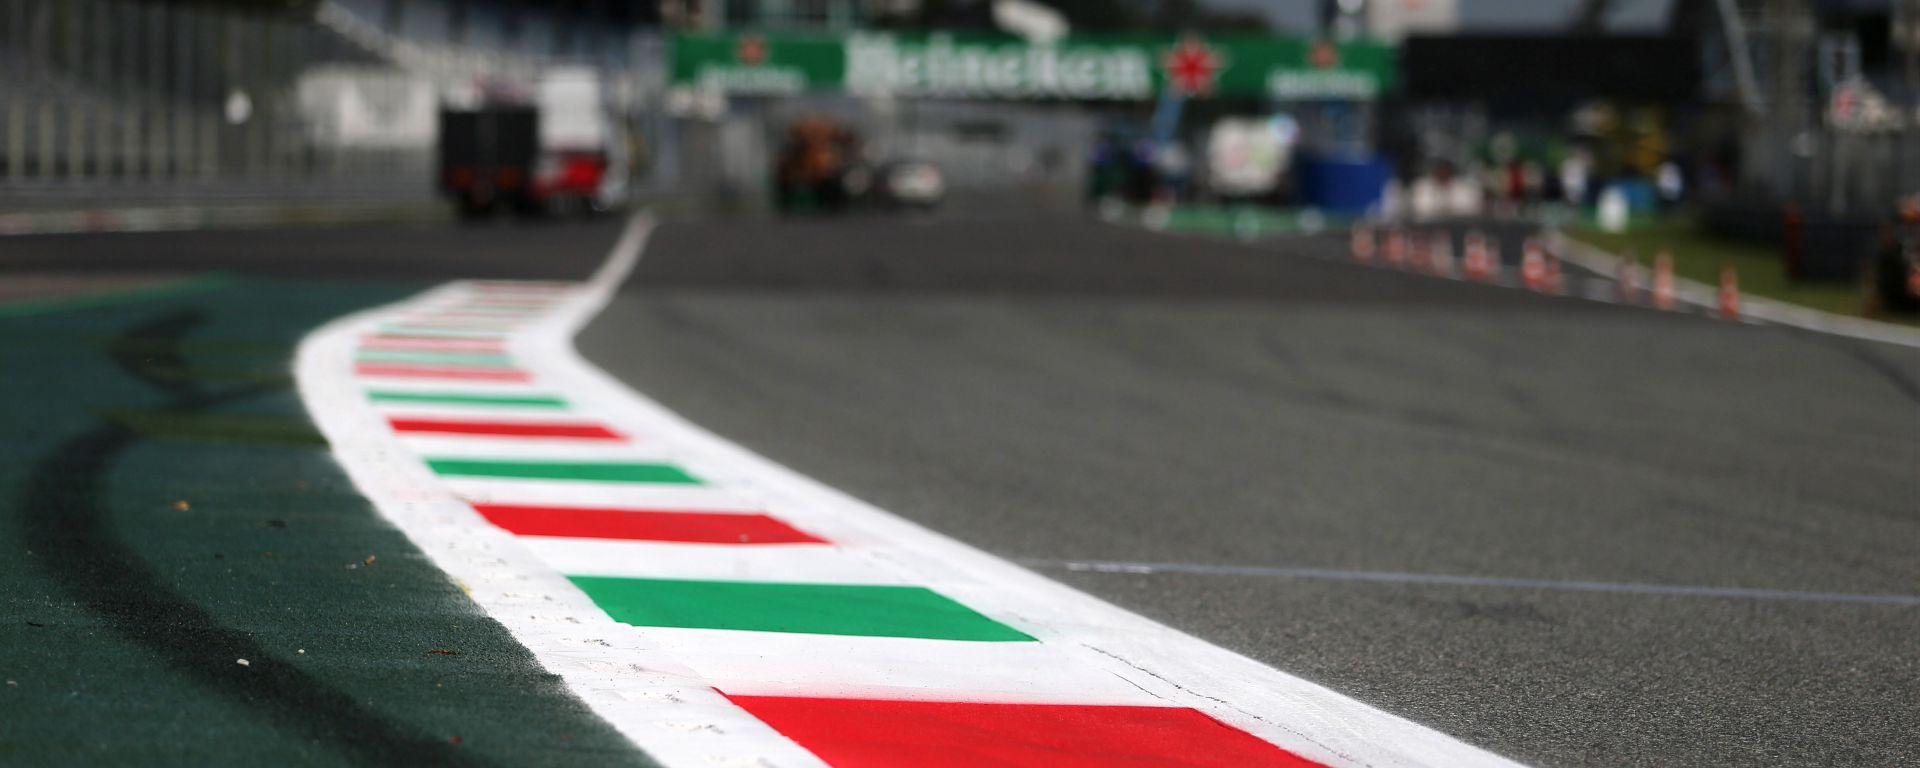 Il rettilineo principale dell'Autodromo Nazionale di Monza